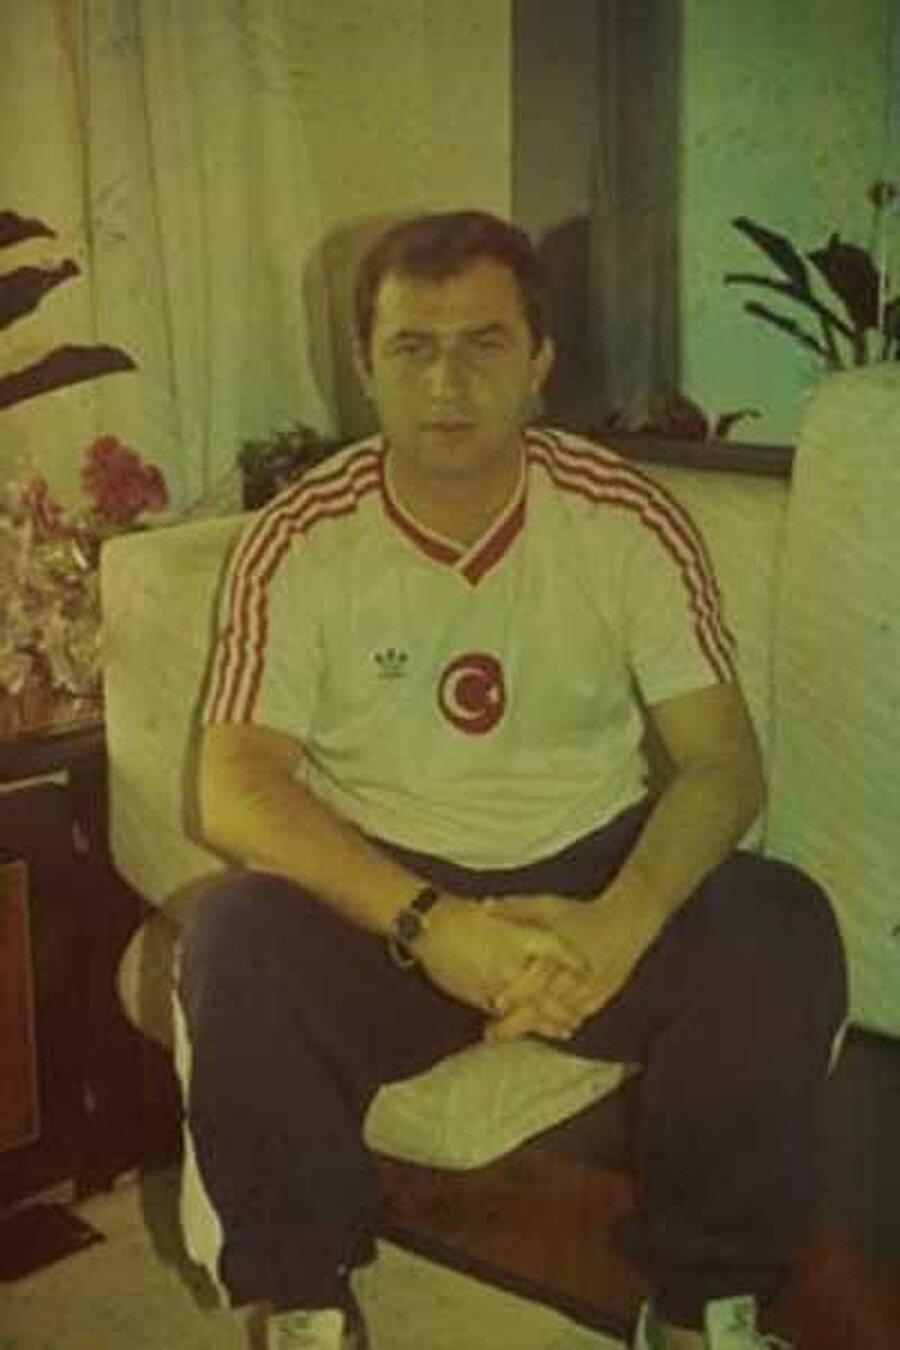 1991 yılı gençliği 1991 Akdeniz Oyunları'nda finale çıkan genç milli takım, Türk Futbol Tarihi için son derece önemli bir adım atmış oldu. Bu gençler Fatih Terim önderliğinde EURO 96'ya katılma başarısı elde etti.